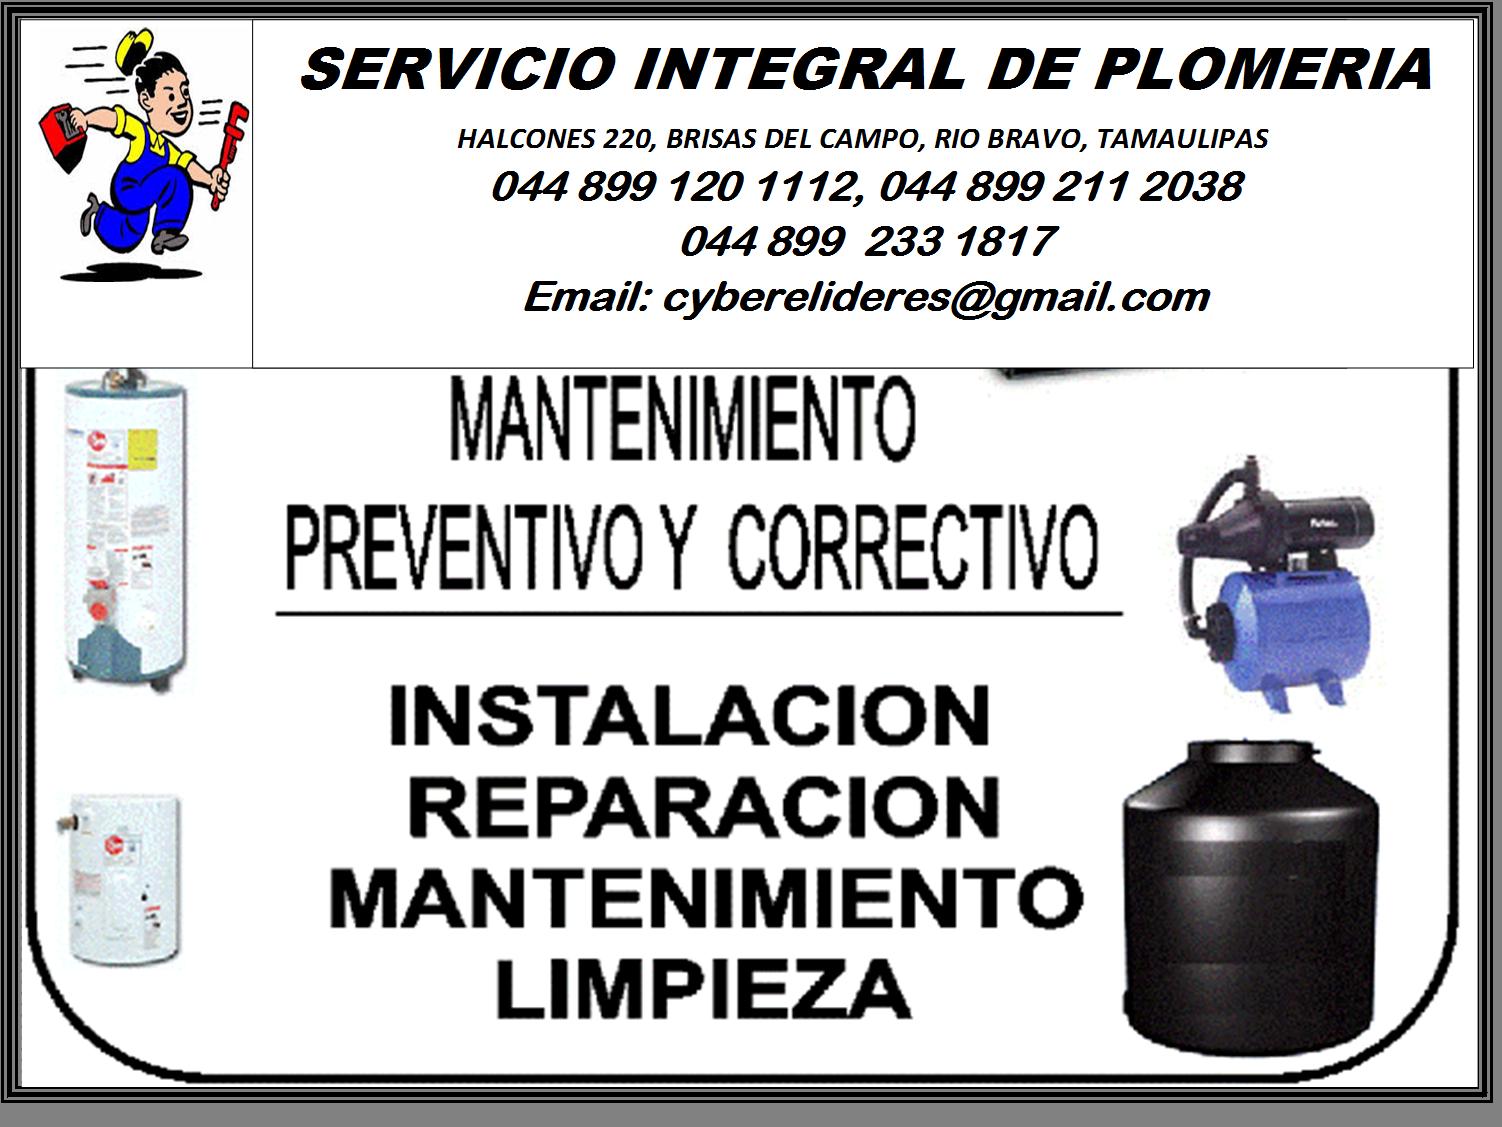 Servicio Integral De Plomeria